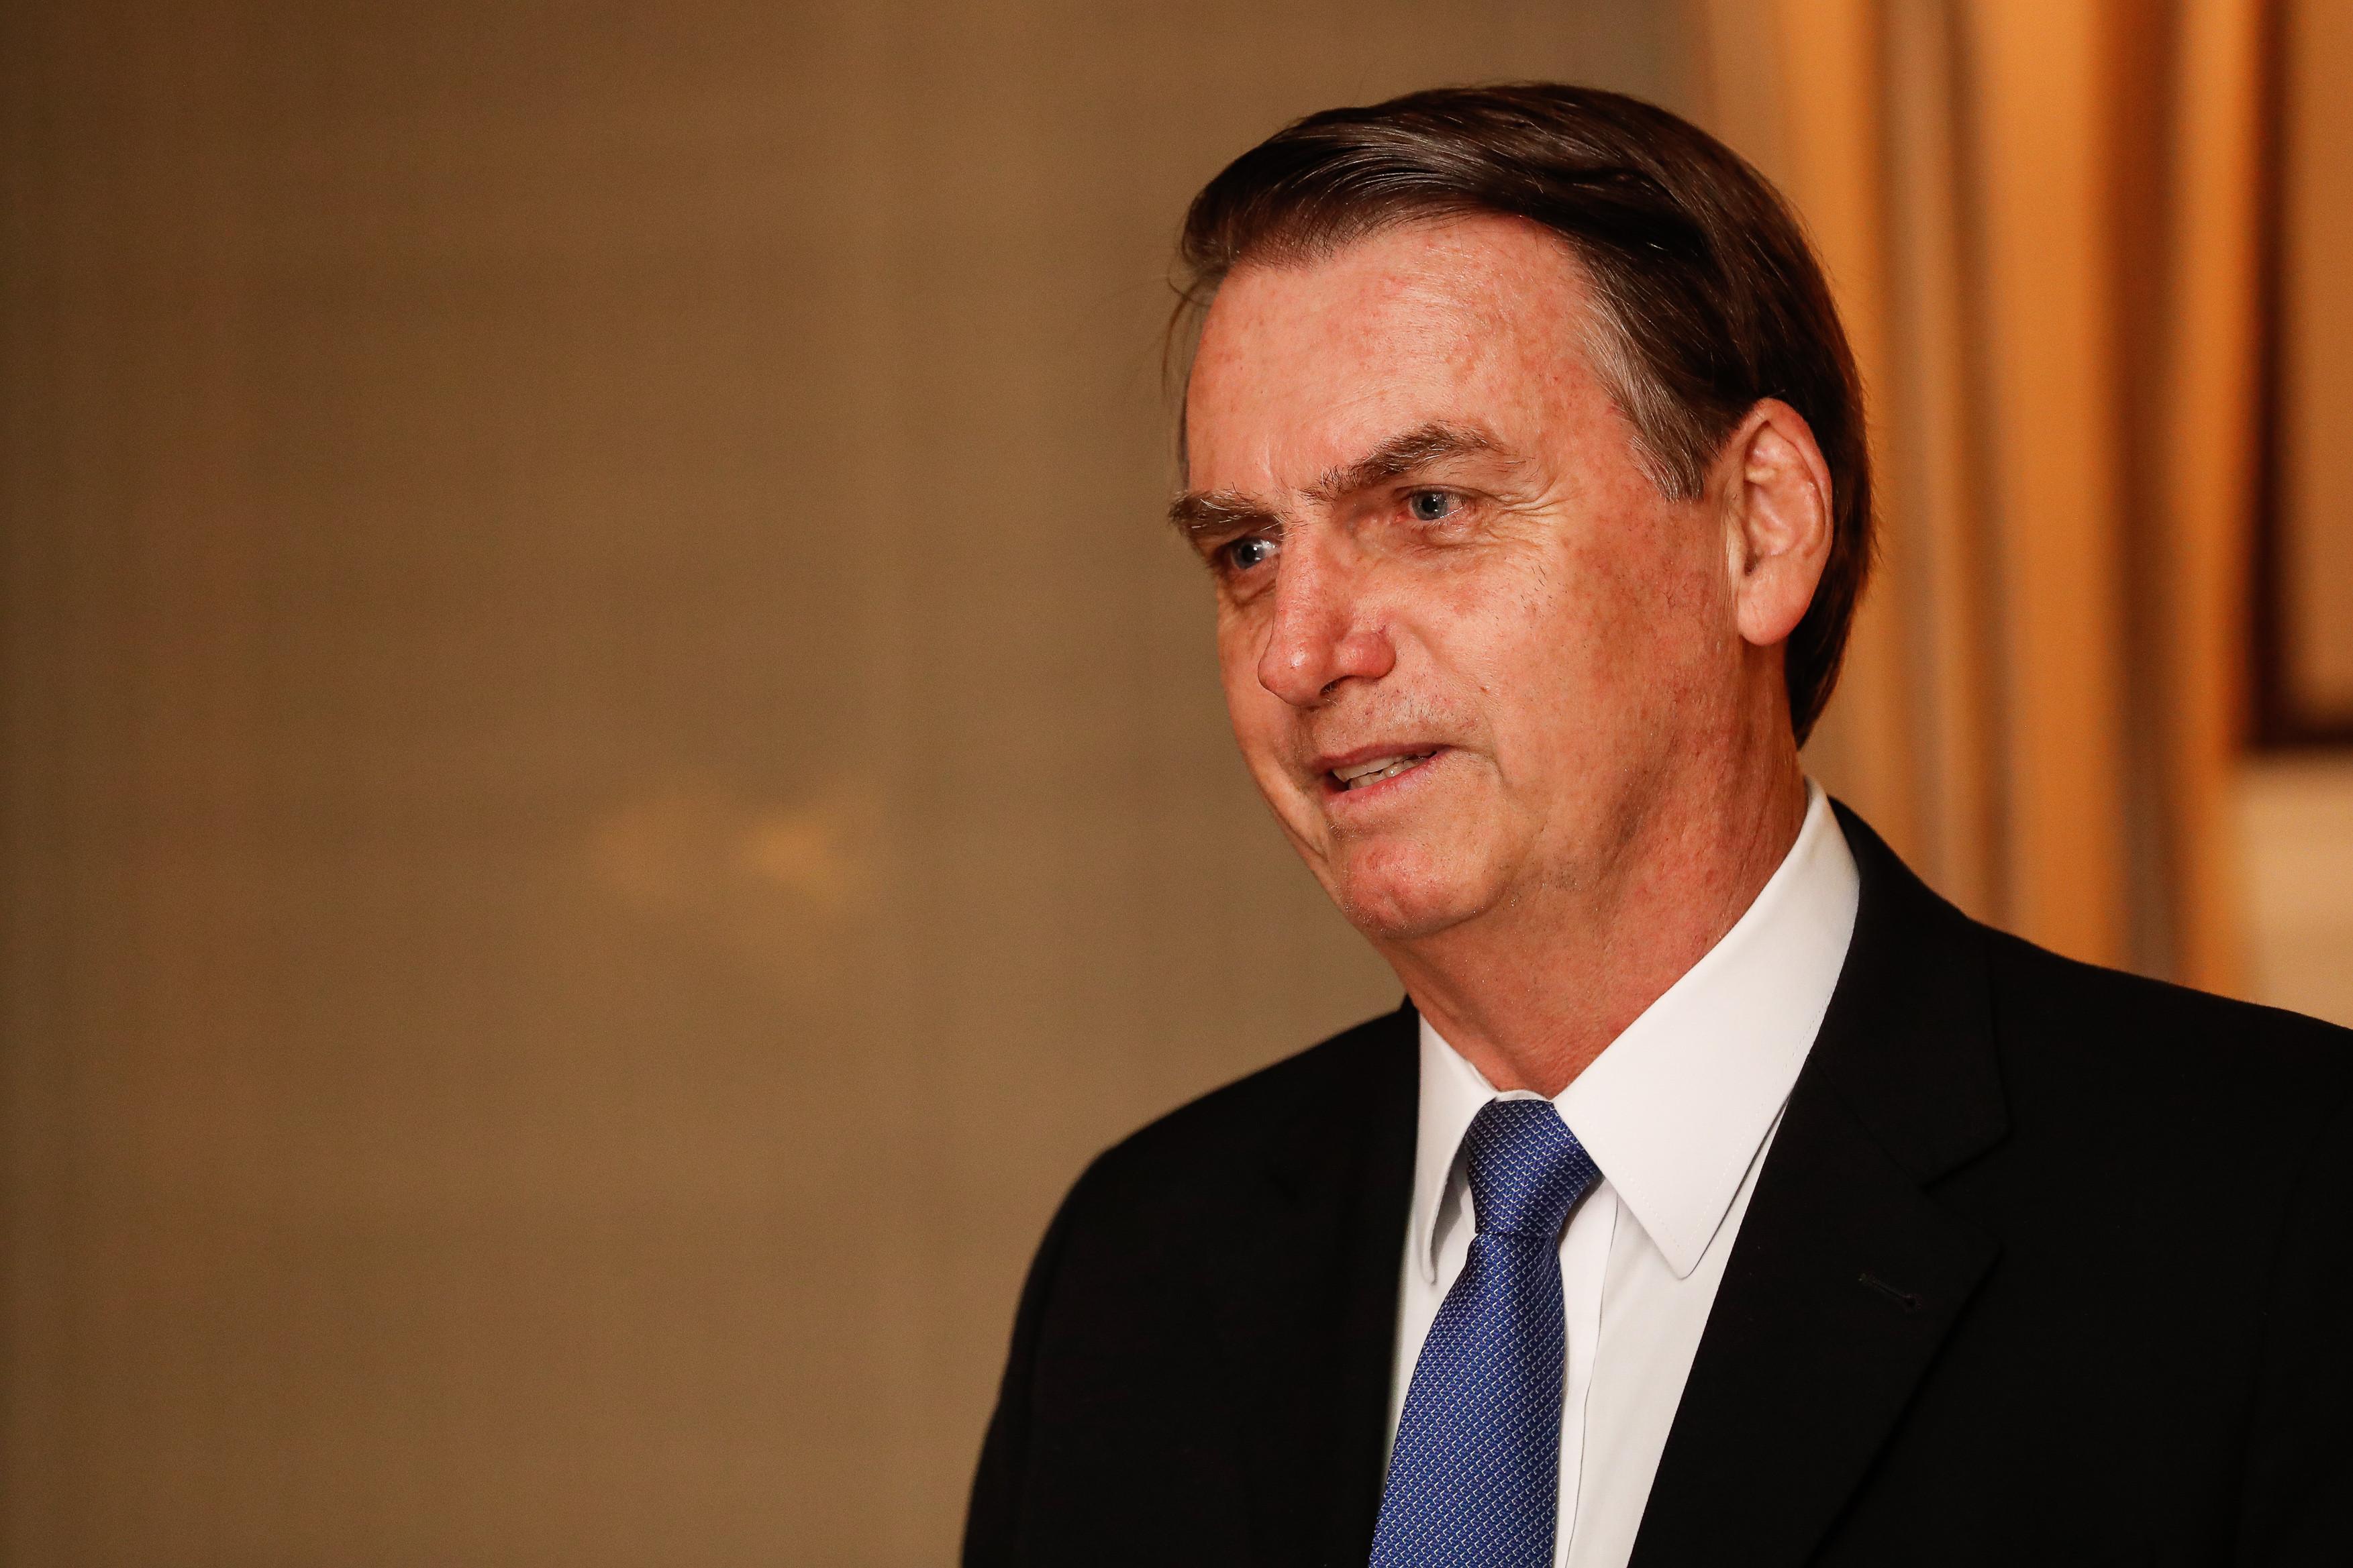 'Sempre sonhei em libertar o Brasil da ideologia nefasta de esquerda'